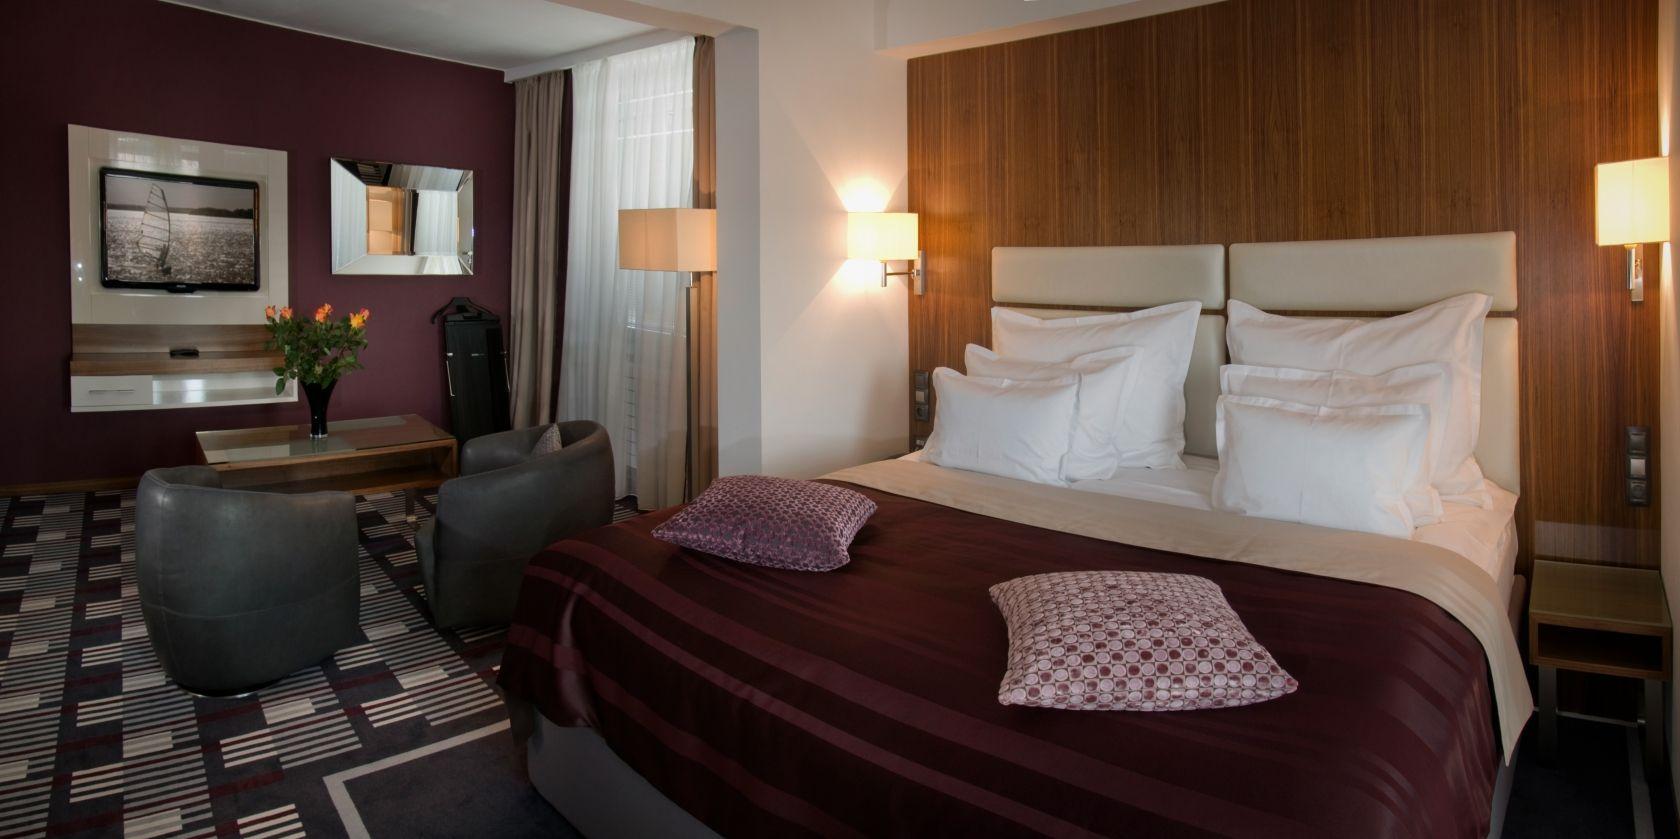 Hotel International v Brně